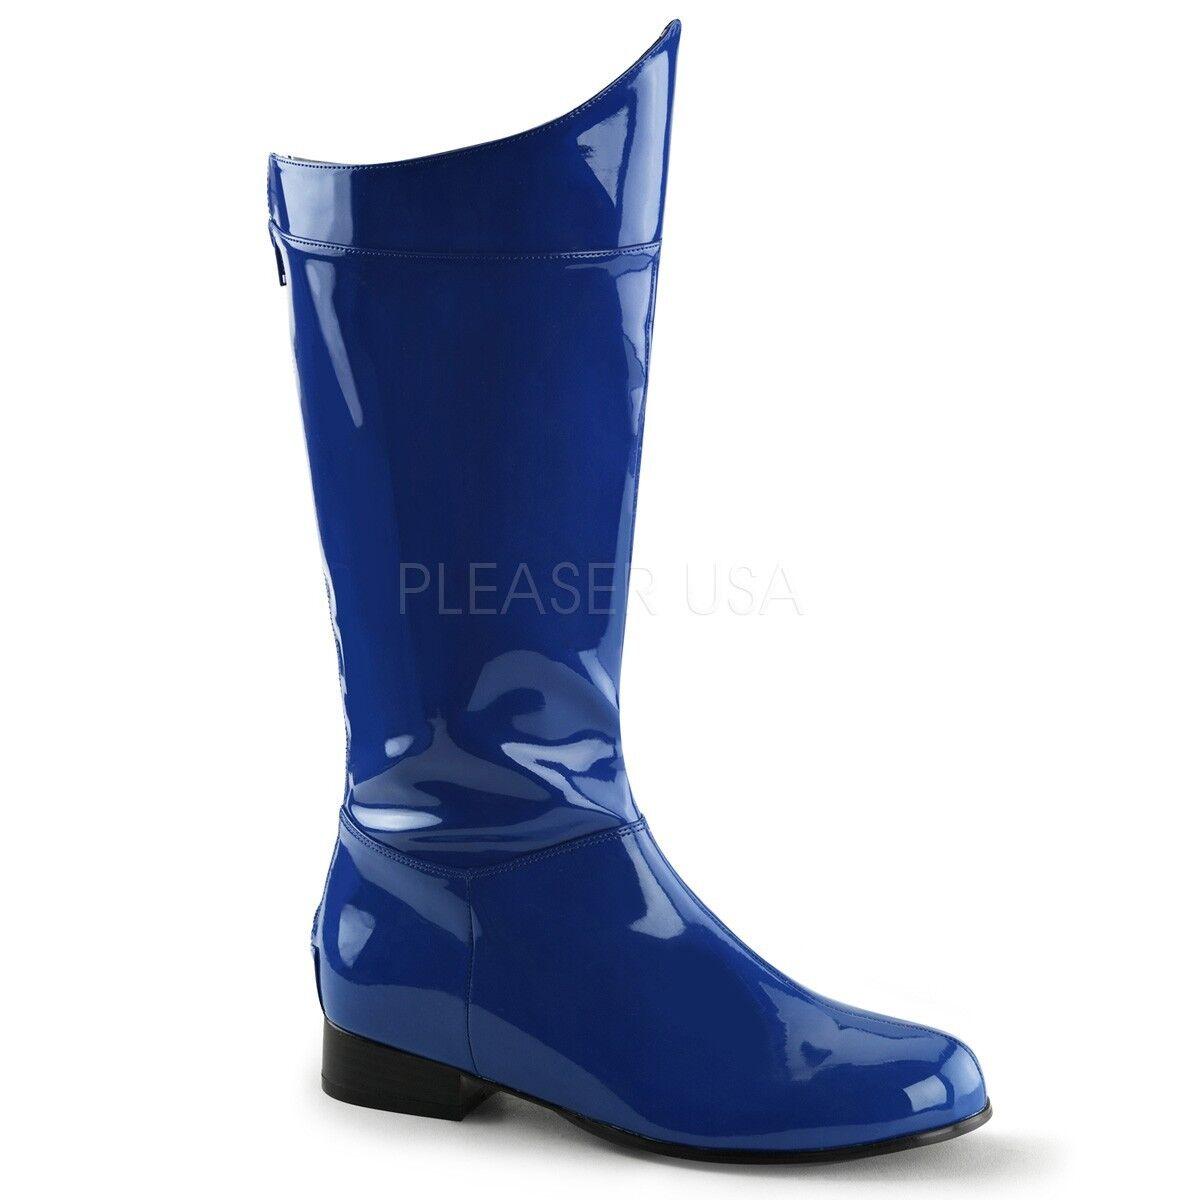 Funtasma 1  Heel Shiny bluee Super Hero Knee Boots Cosplay Halloween Mens 8-14